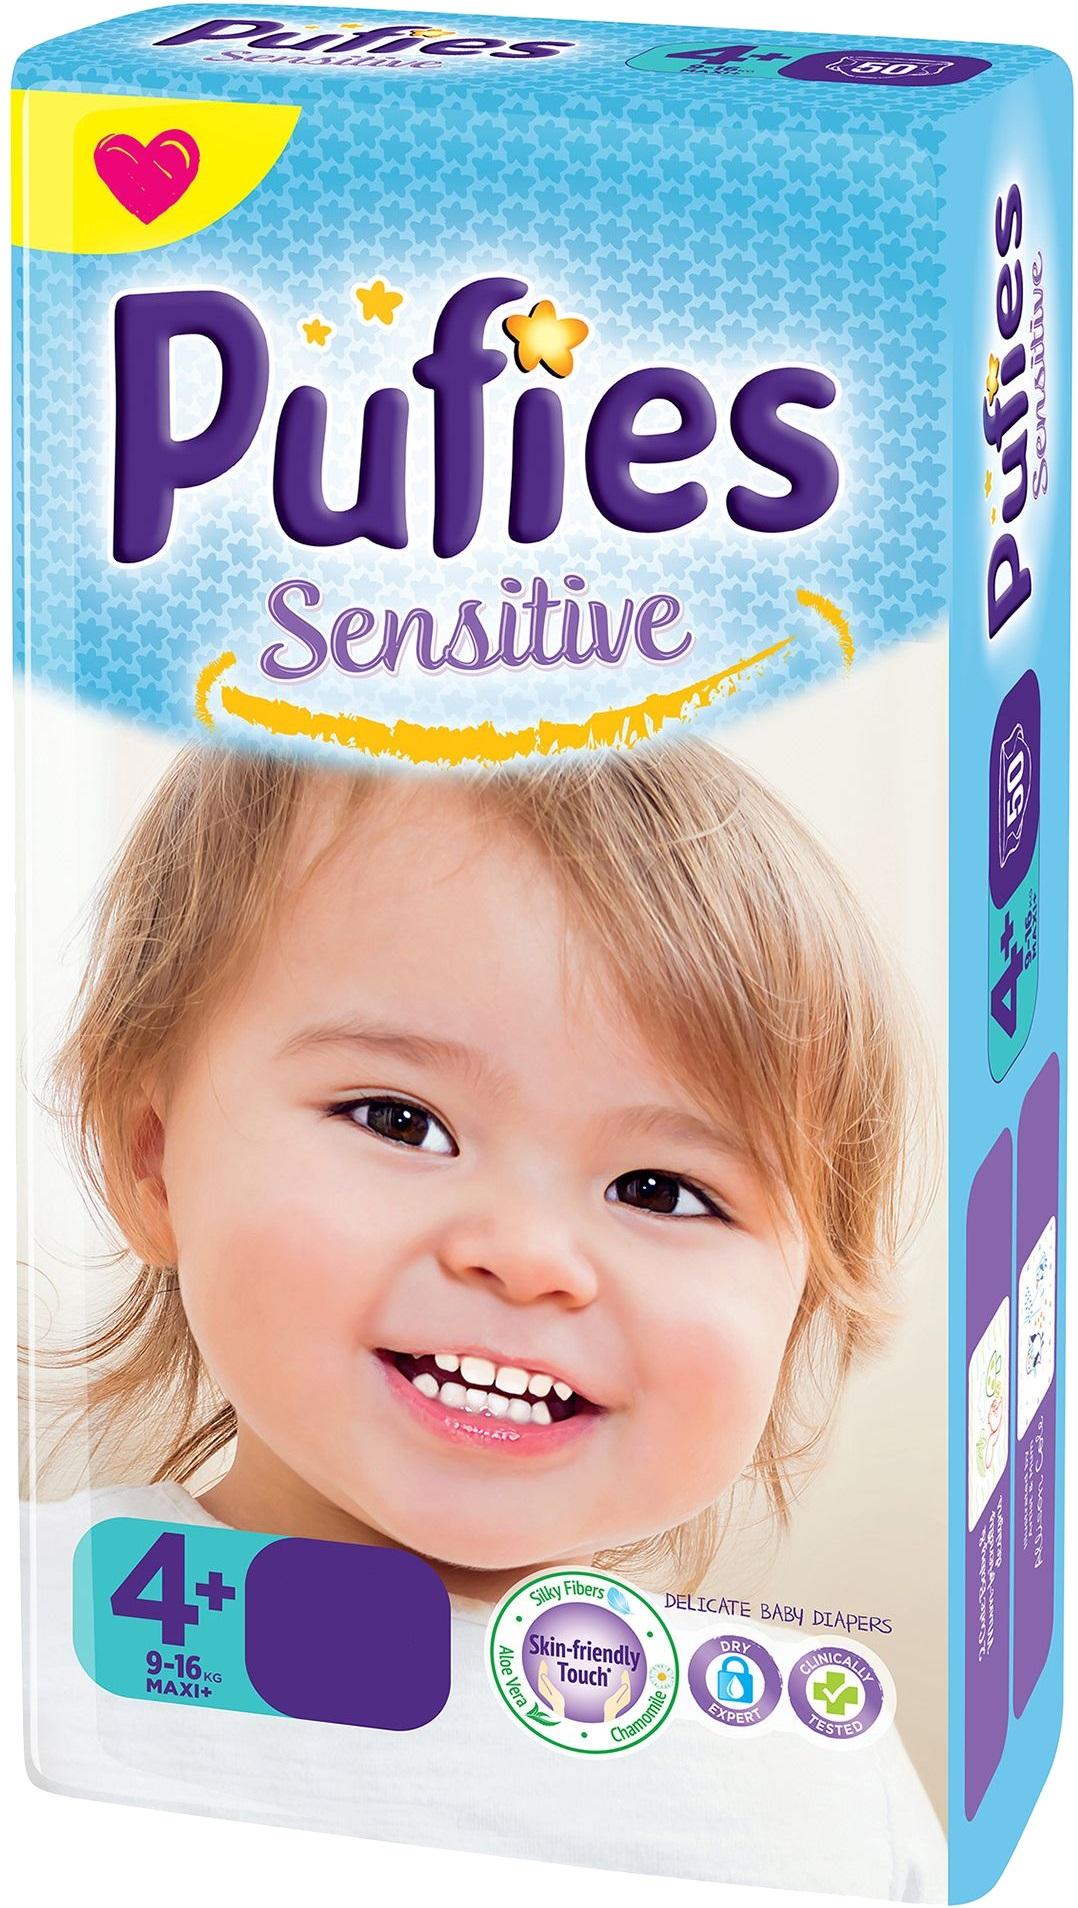 Купить Подгузники Pufies Sensitive 4+ Maxi Plus 68 с бесплатной ... 1269a20ca97